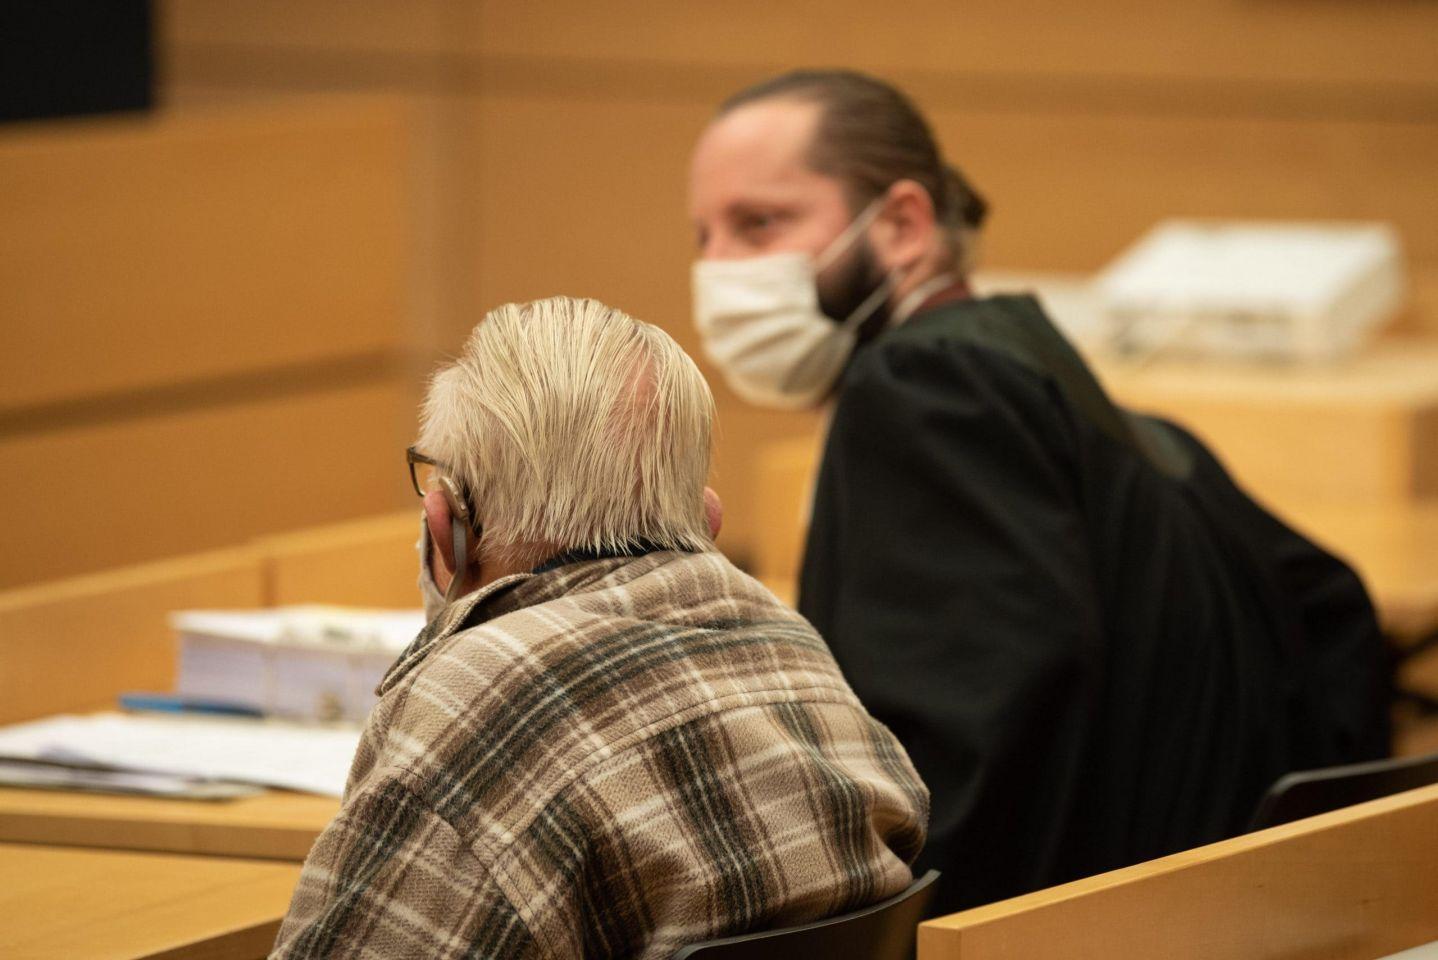 Totschlag 92-Jähriger